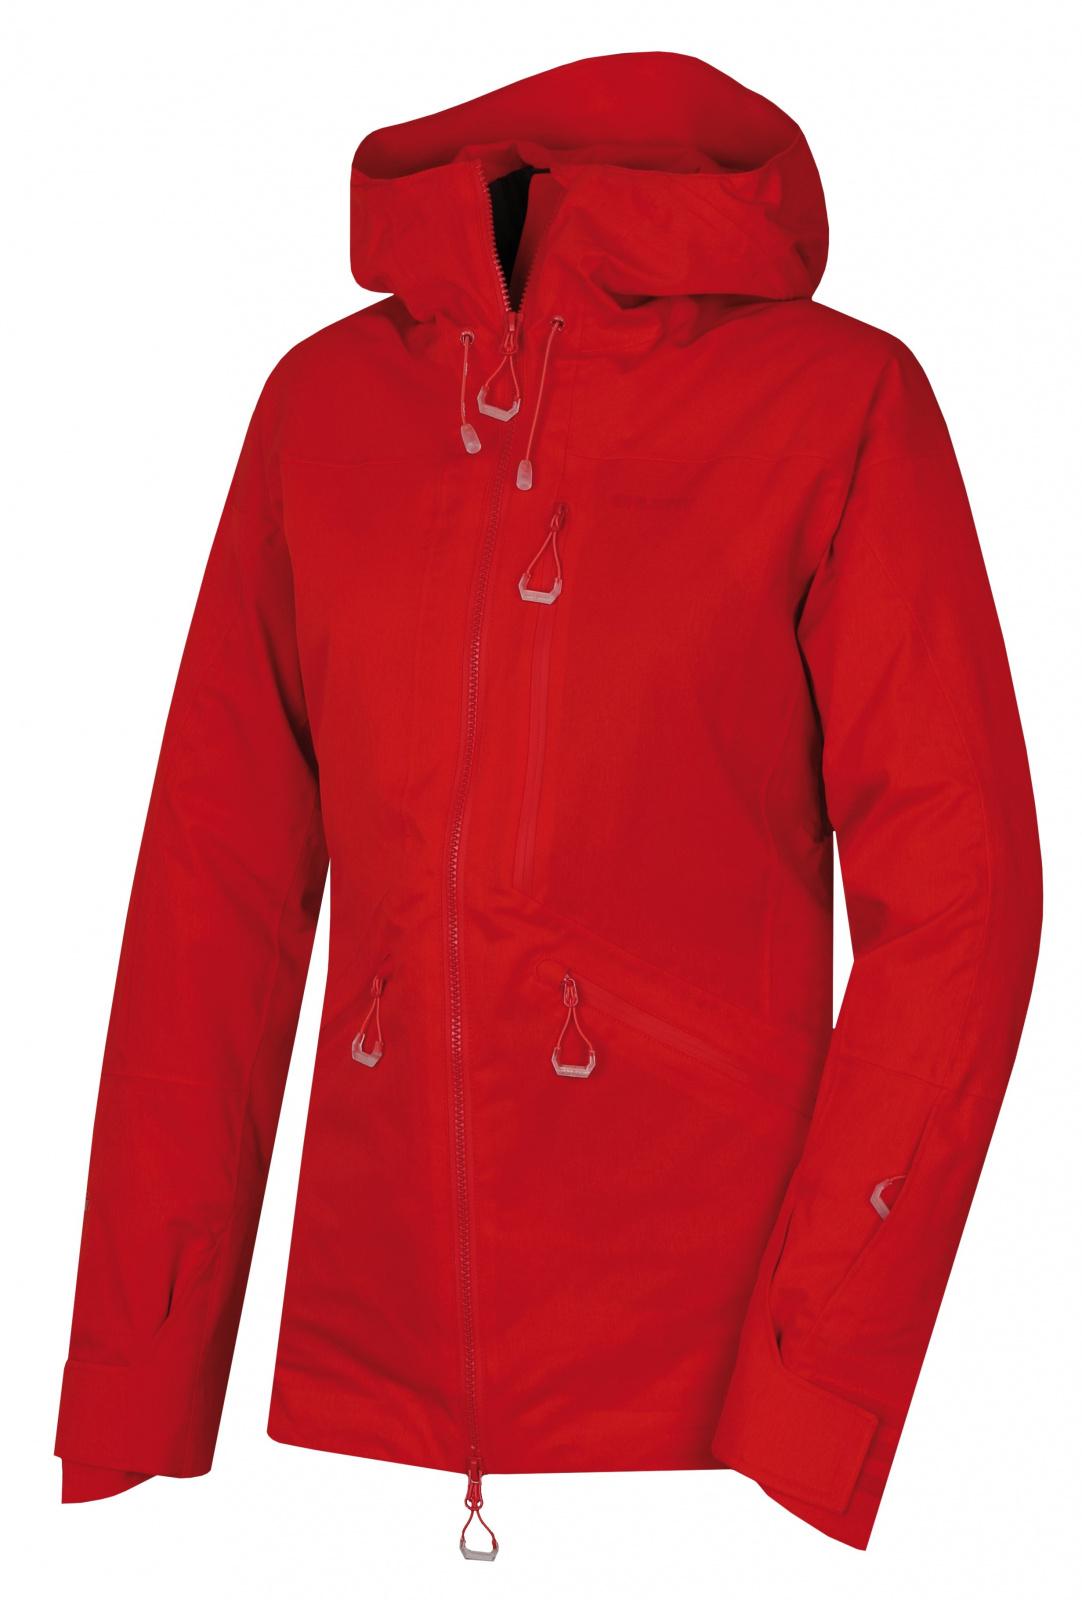 Husky Gomez l červená, XL Dámska lyžiarská bunda